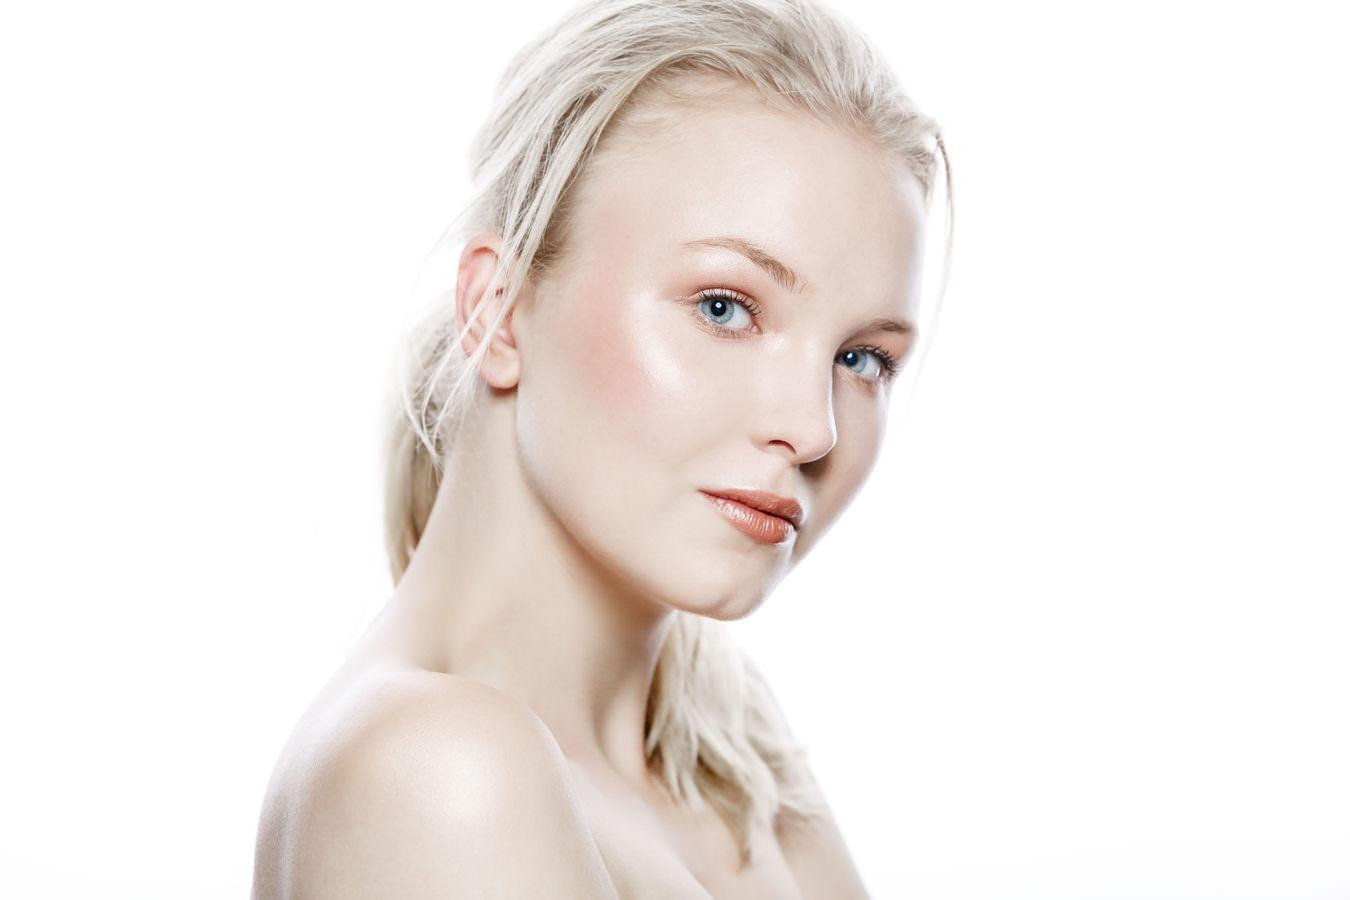 Ein blondes Model bei einem Beautyfotoshooting mit freien Schultern